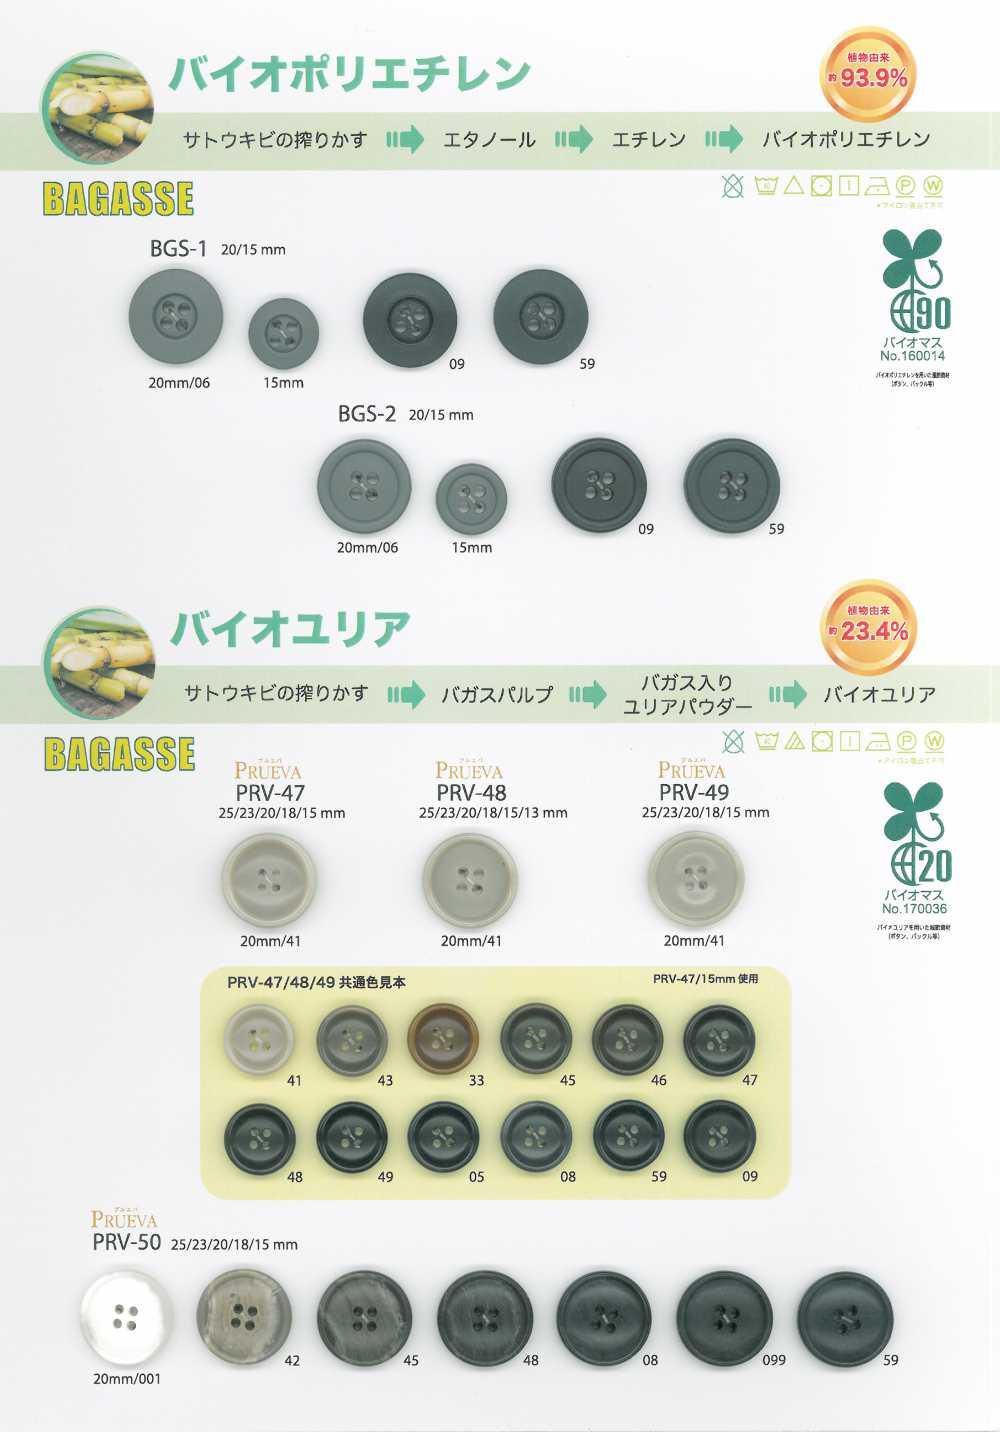 バイオポリエチレン 4つ穴ボタン サブ画像